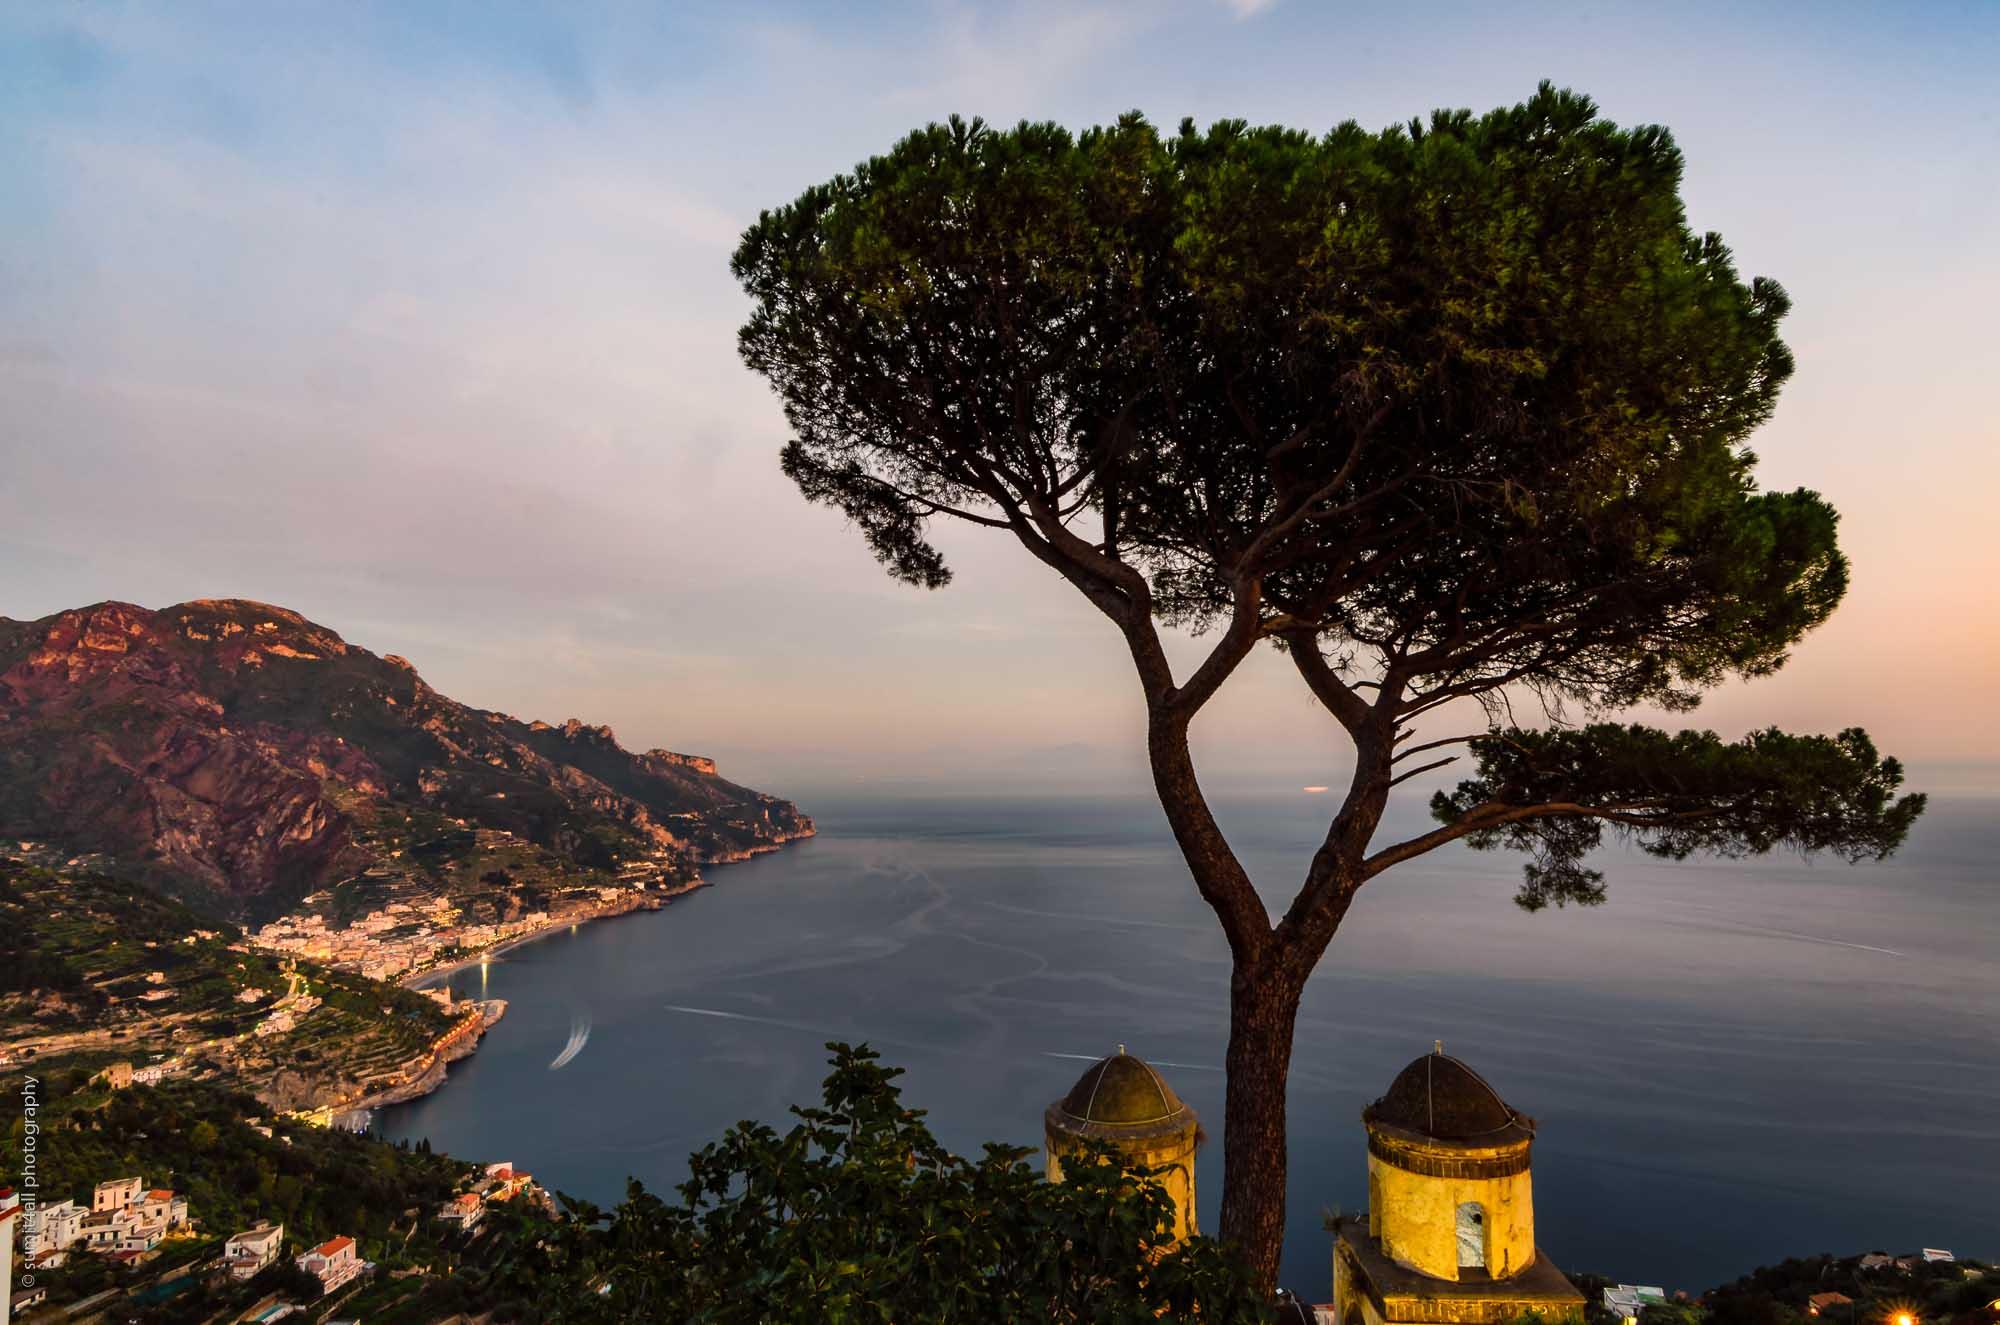 Sunset Cityscape in Ravello on the Amalfi Coast, Italy